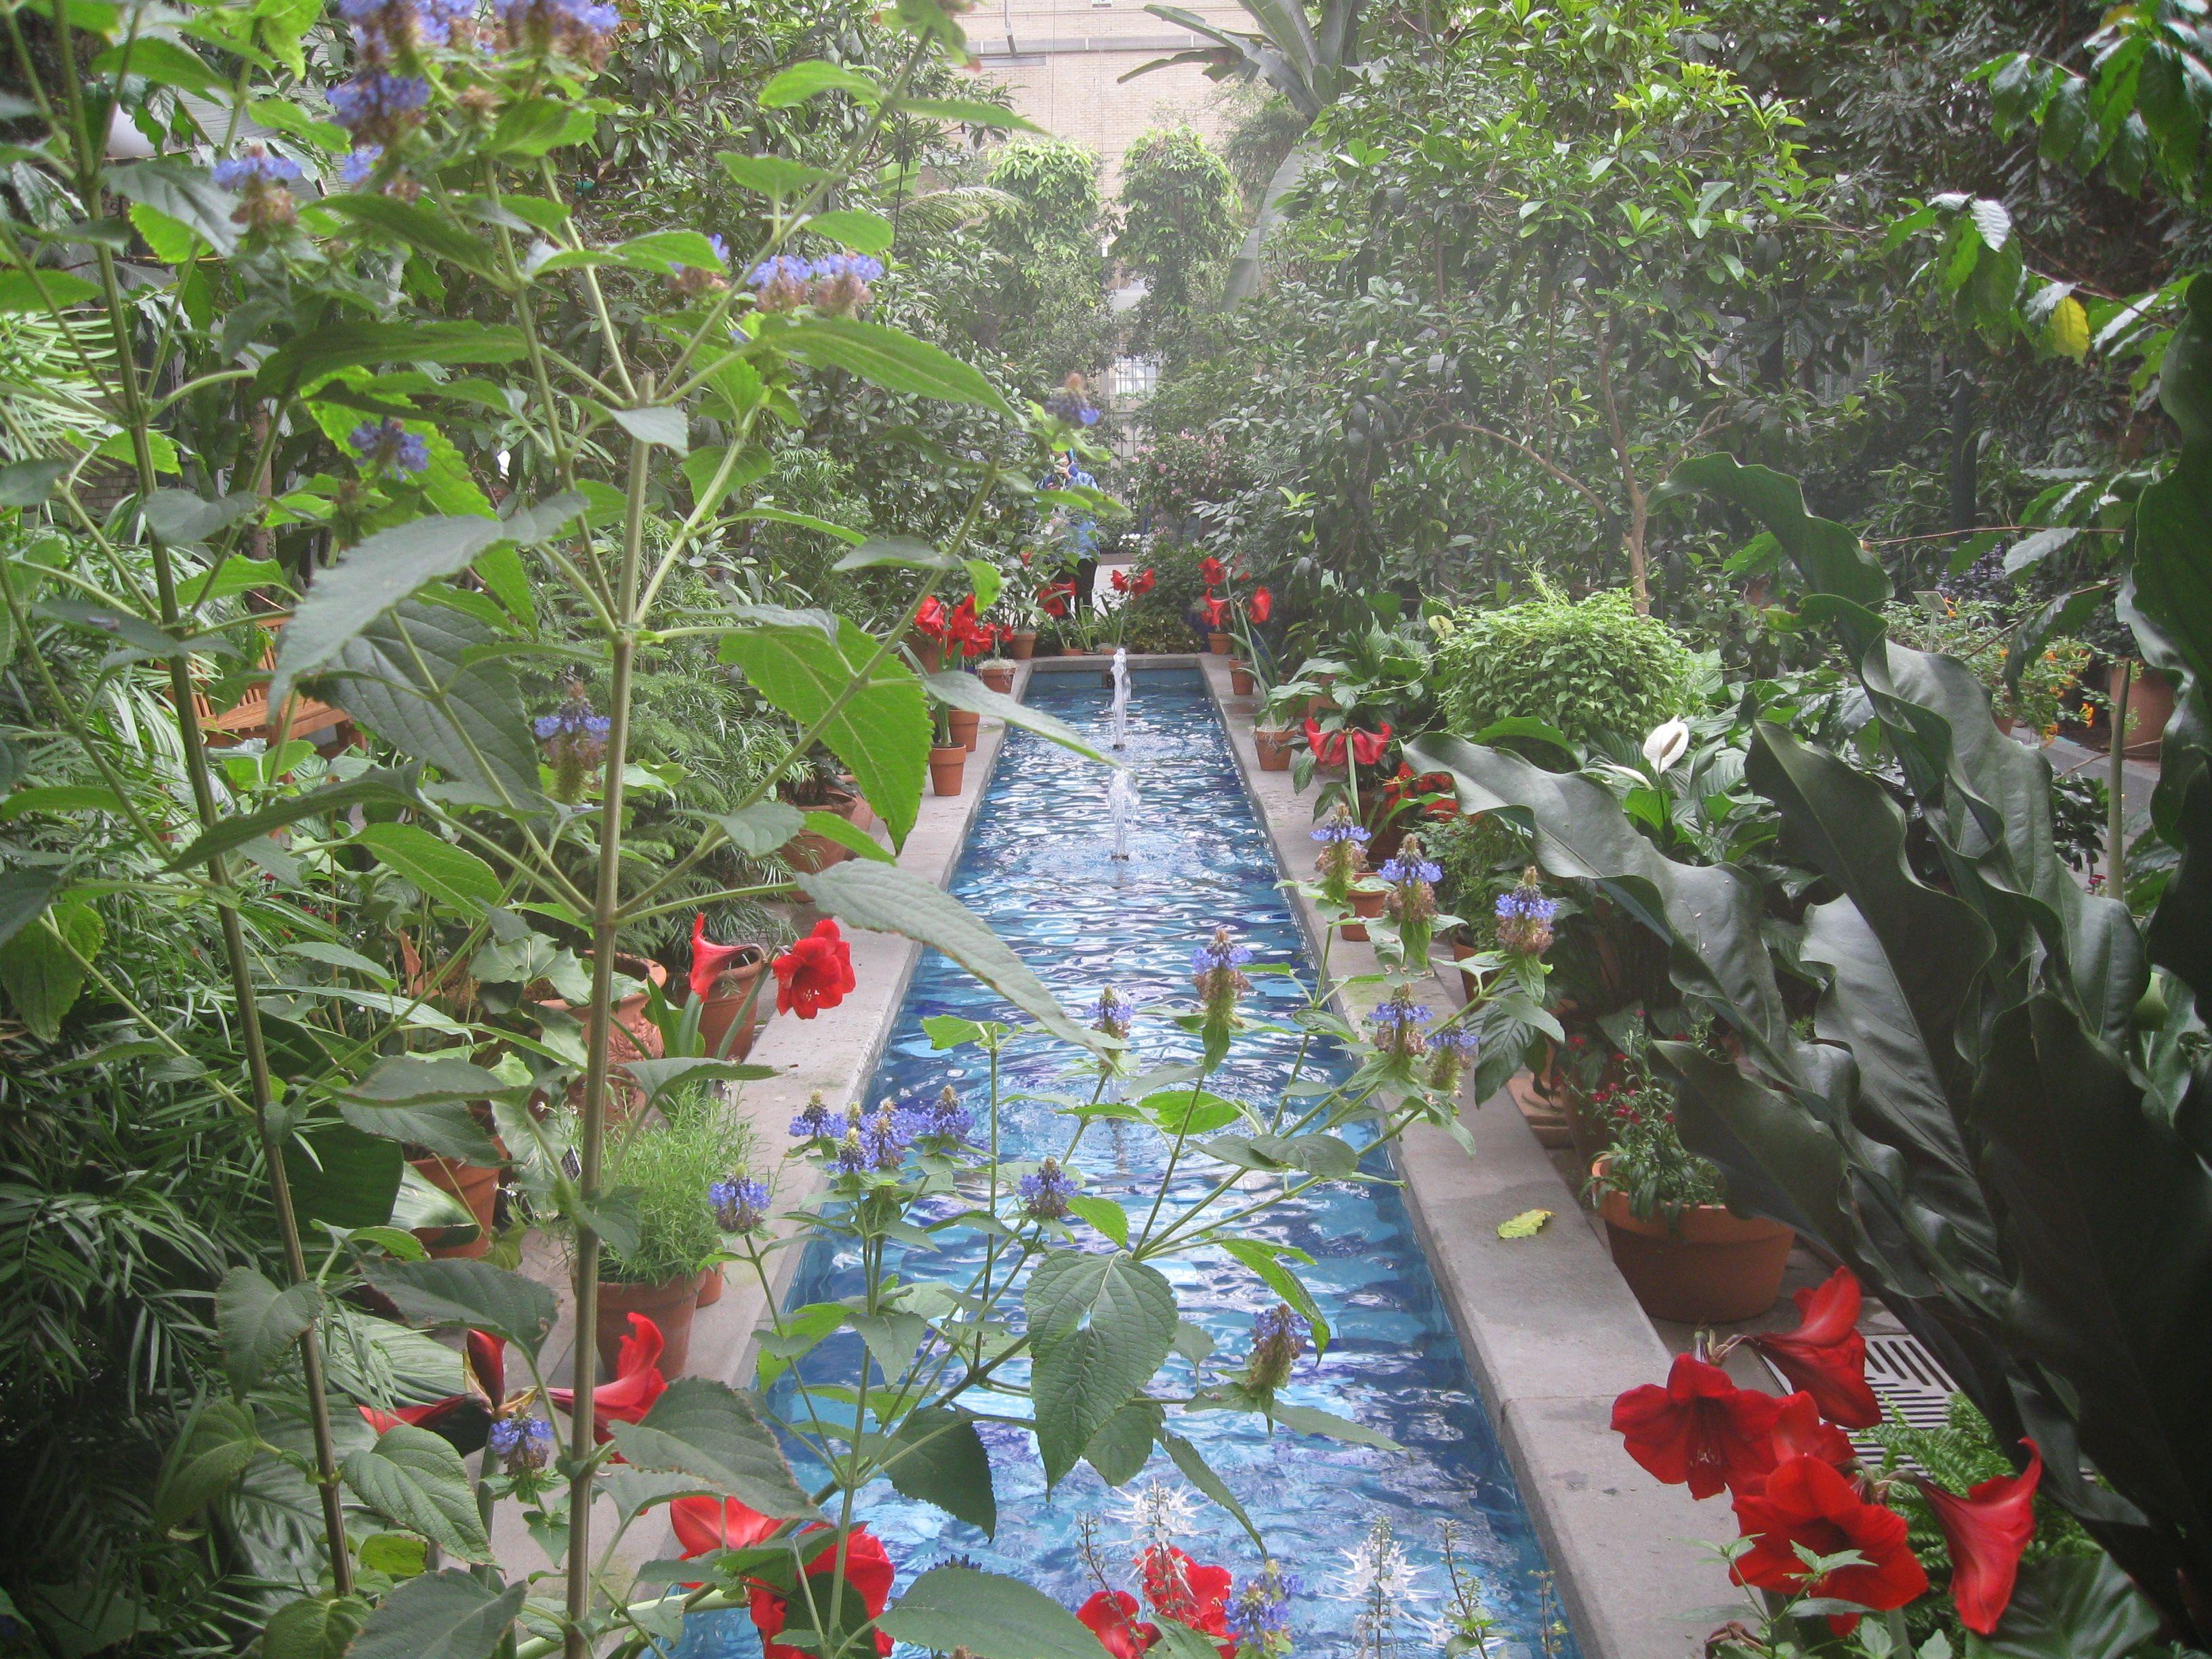 Beau United States Botanic Garden